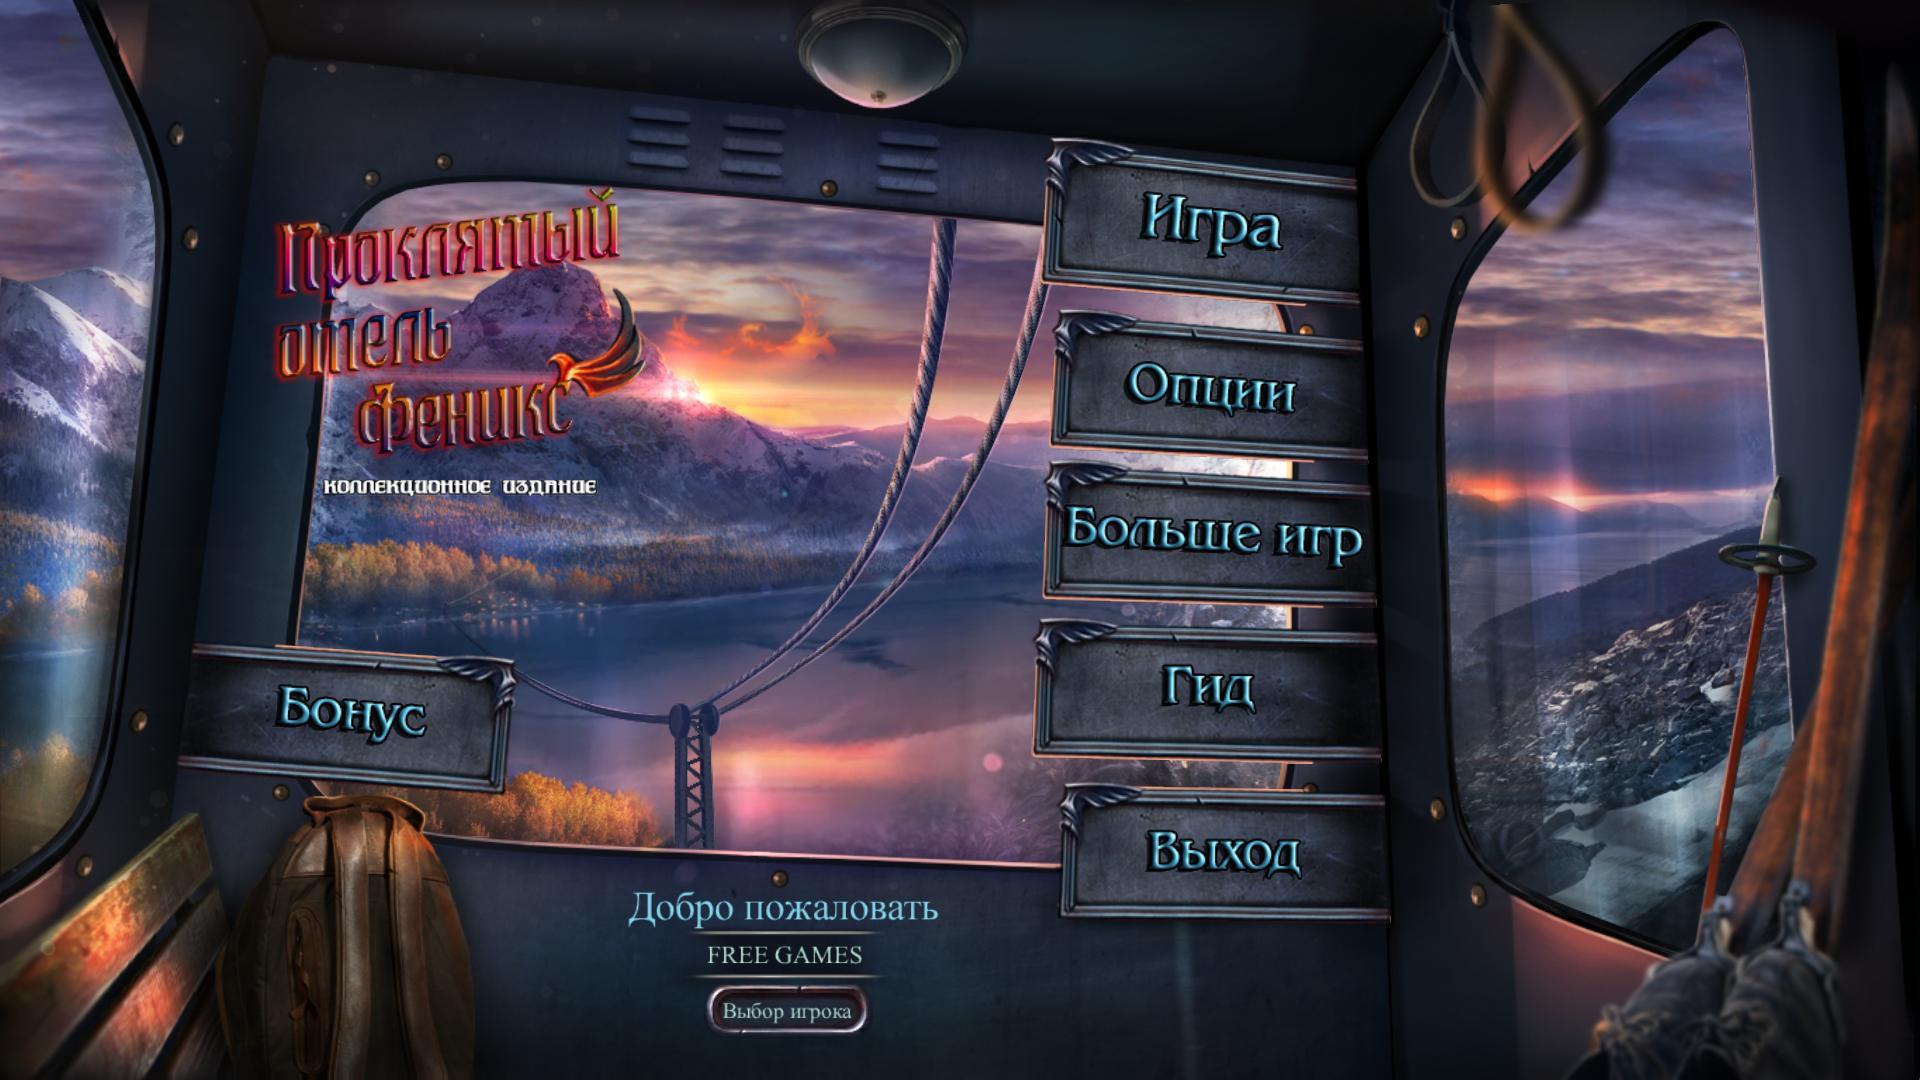 Проклятый отель 9: Феникс. Коллекционное издание   Haunted Hotel 9: Phoenix CE (Rus)